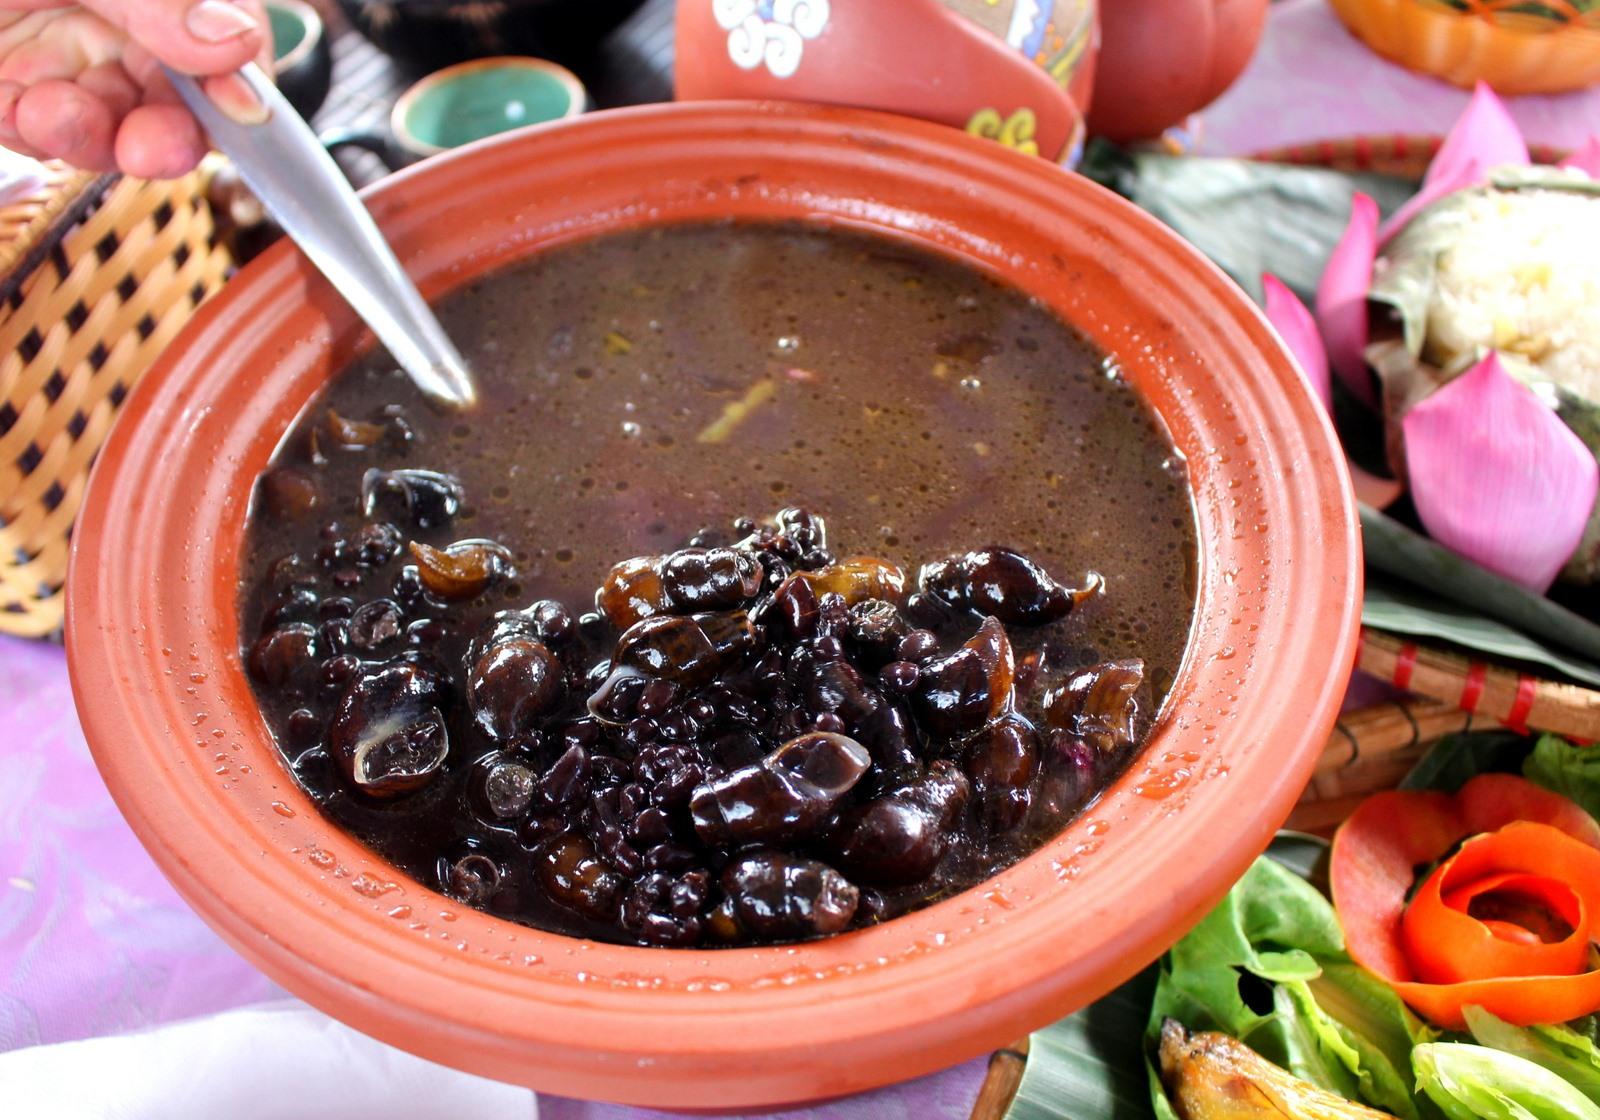 Ốc đá hầm đậu đen là món ăn đặc trưng vùng cao xứ Quảng.